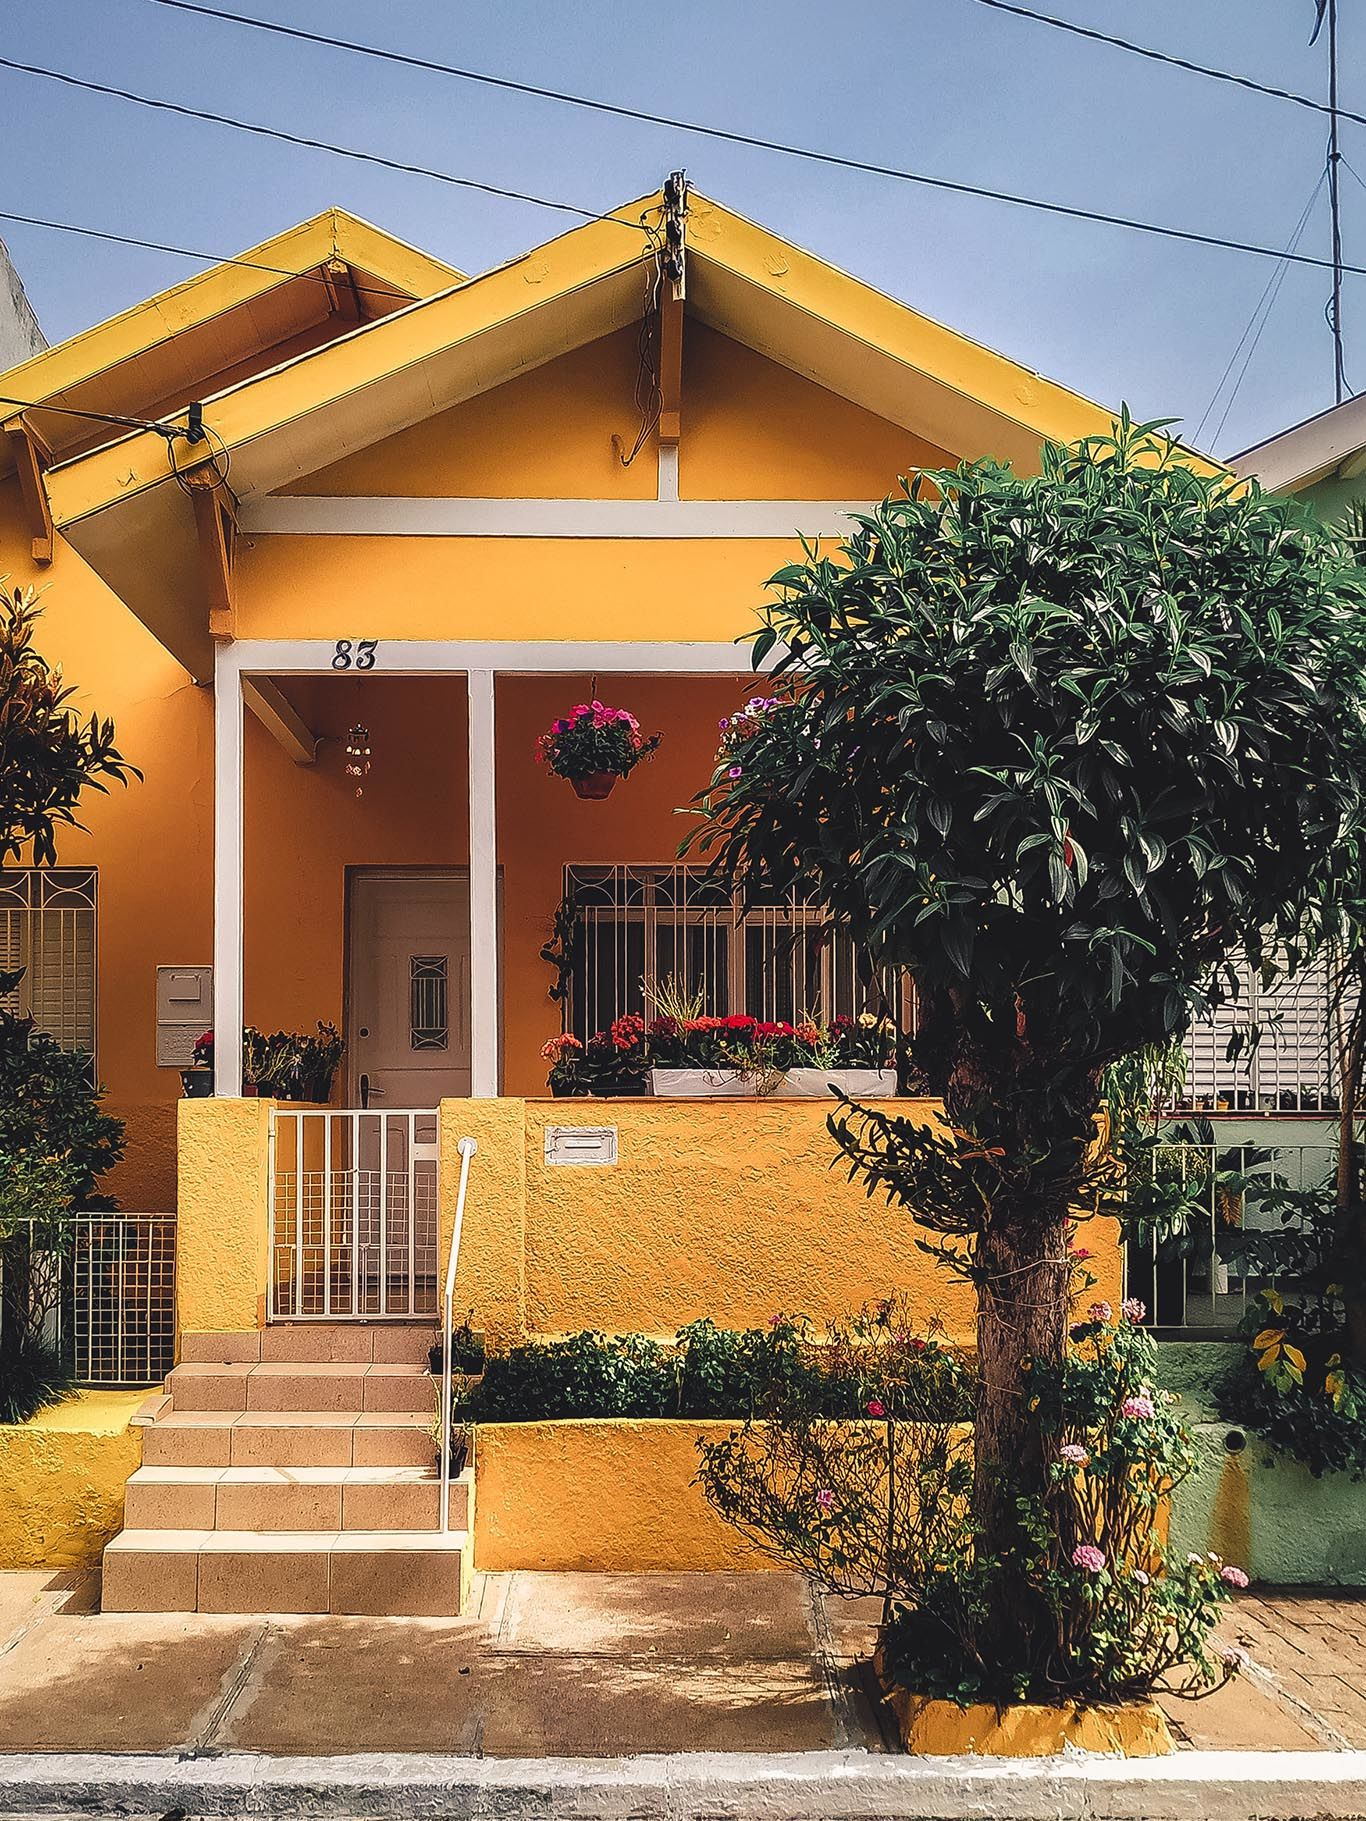 80 Gambar Rumah Cat Oranye Kekinian